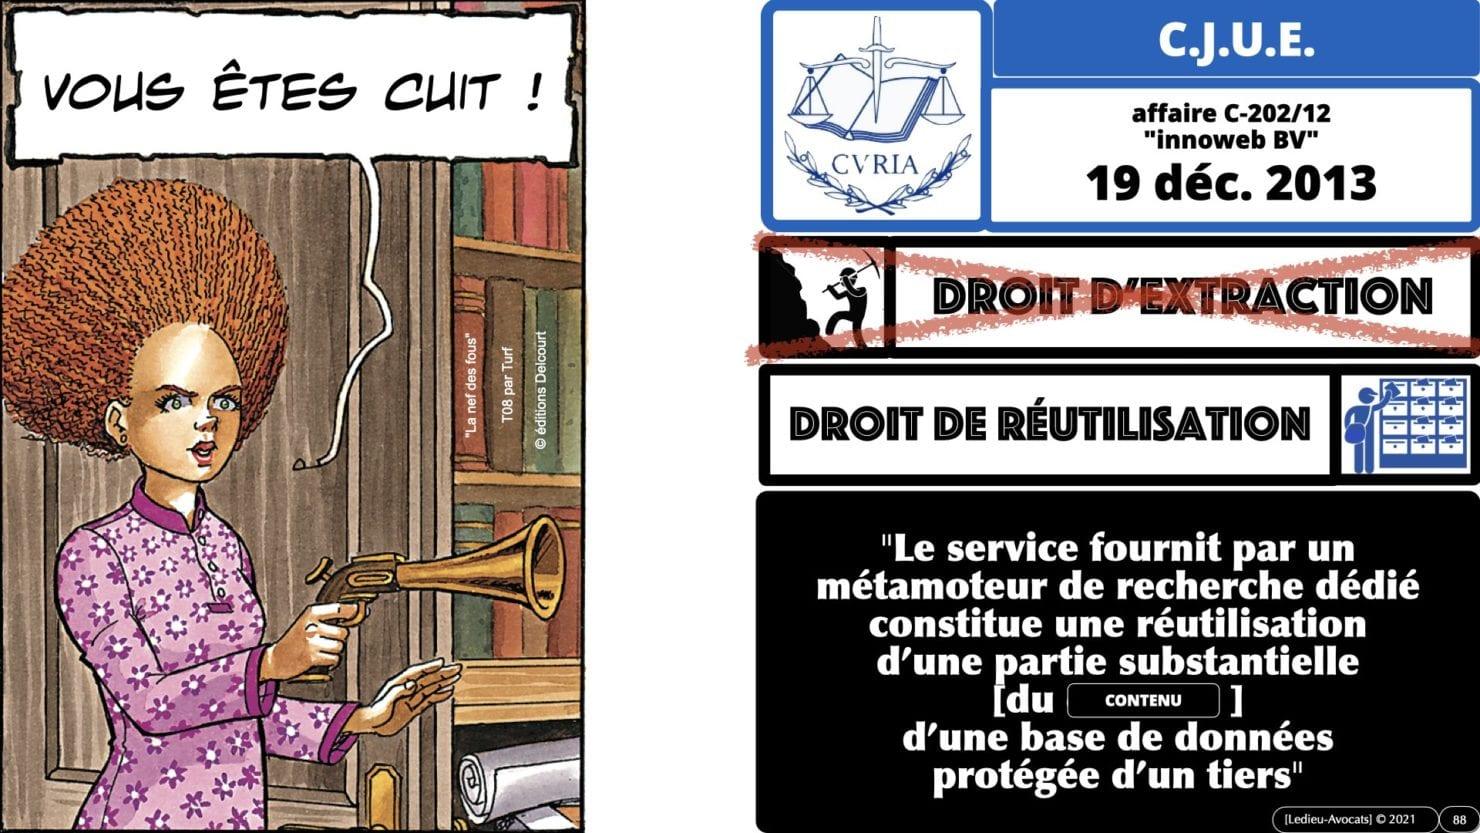 334 extraction indexation BASE DE DONNEES © Ledieu-avocat 24-05-2021.088